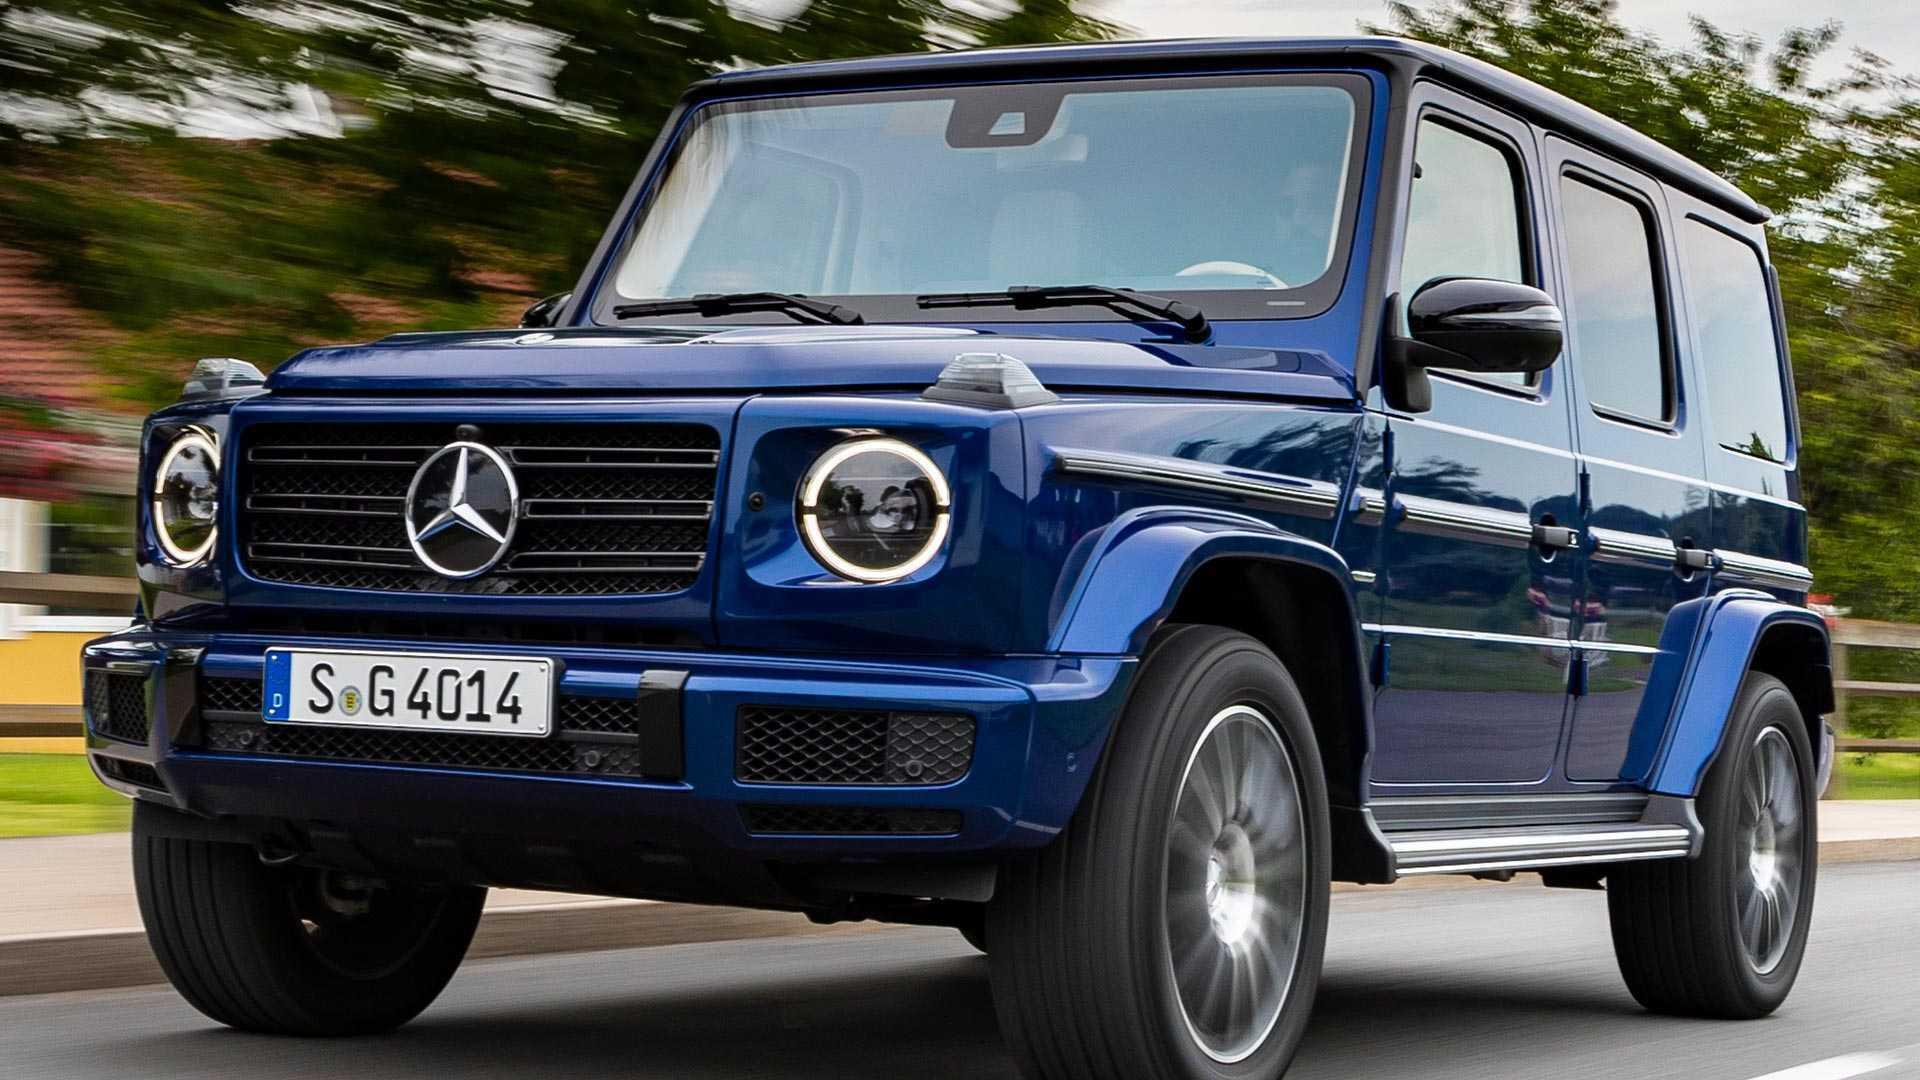 Новый Mercedes G-class тоже очень дорогой, но и оснащен автомобиль по последнему слову техники